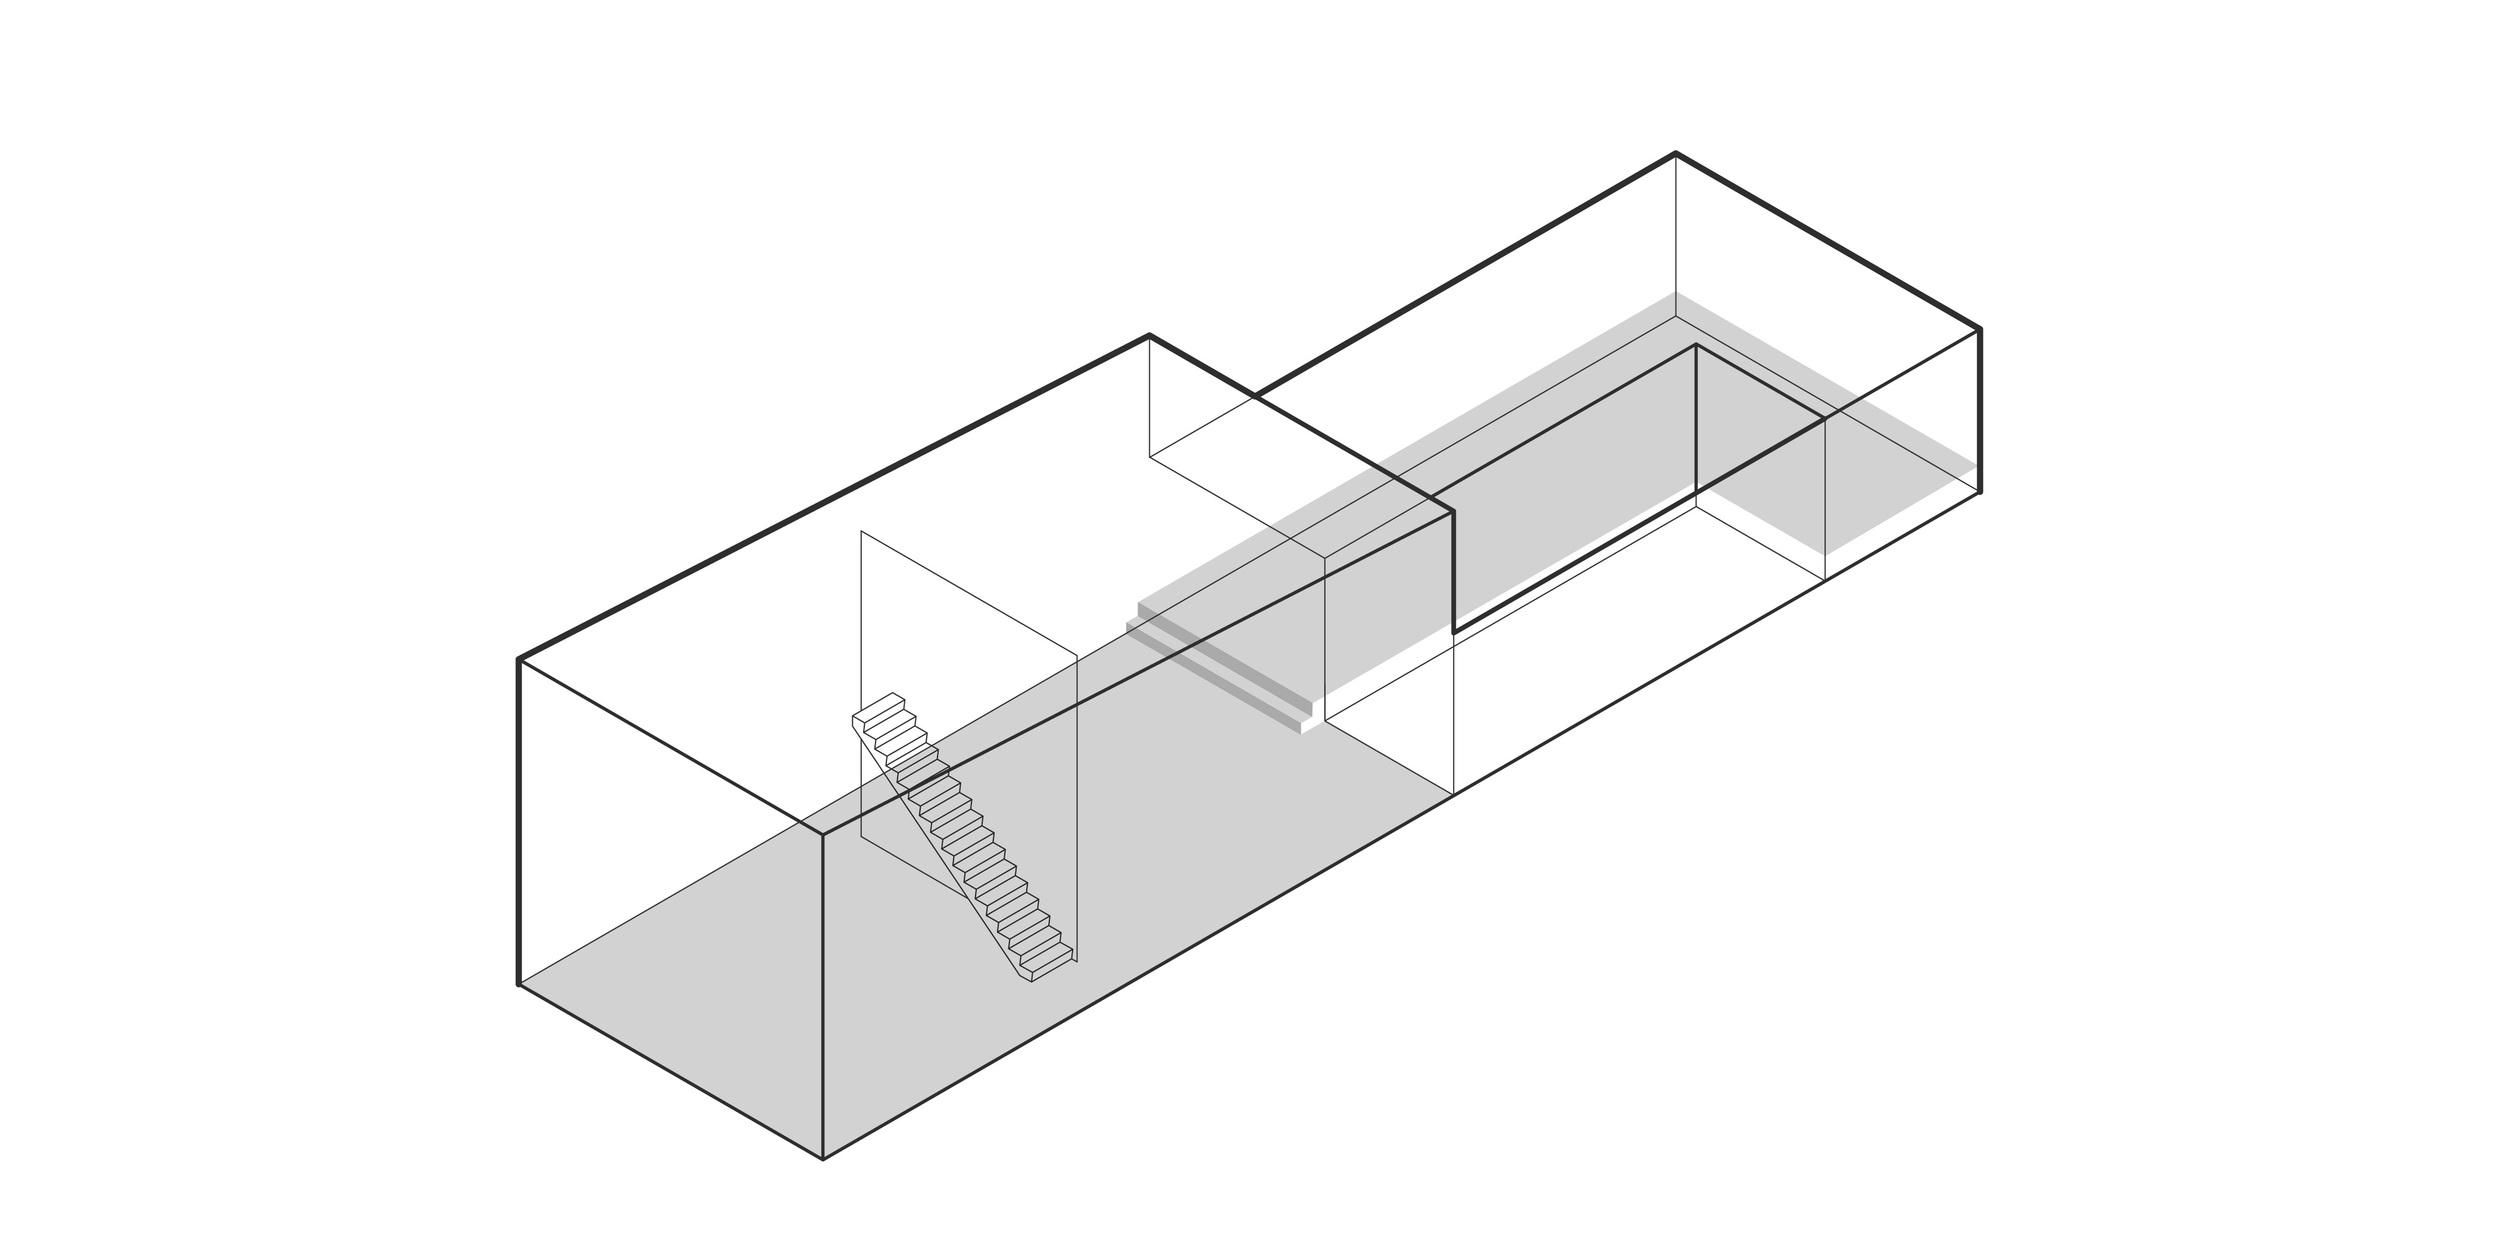 307_3rd-SD-160413-Diagram-06-01.jpg